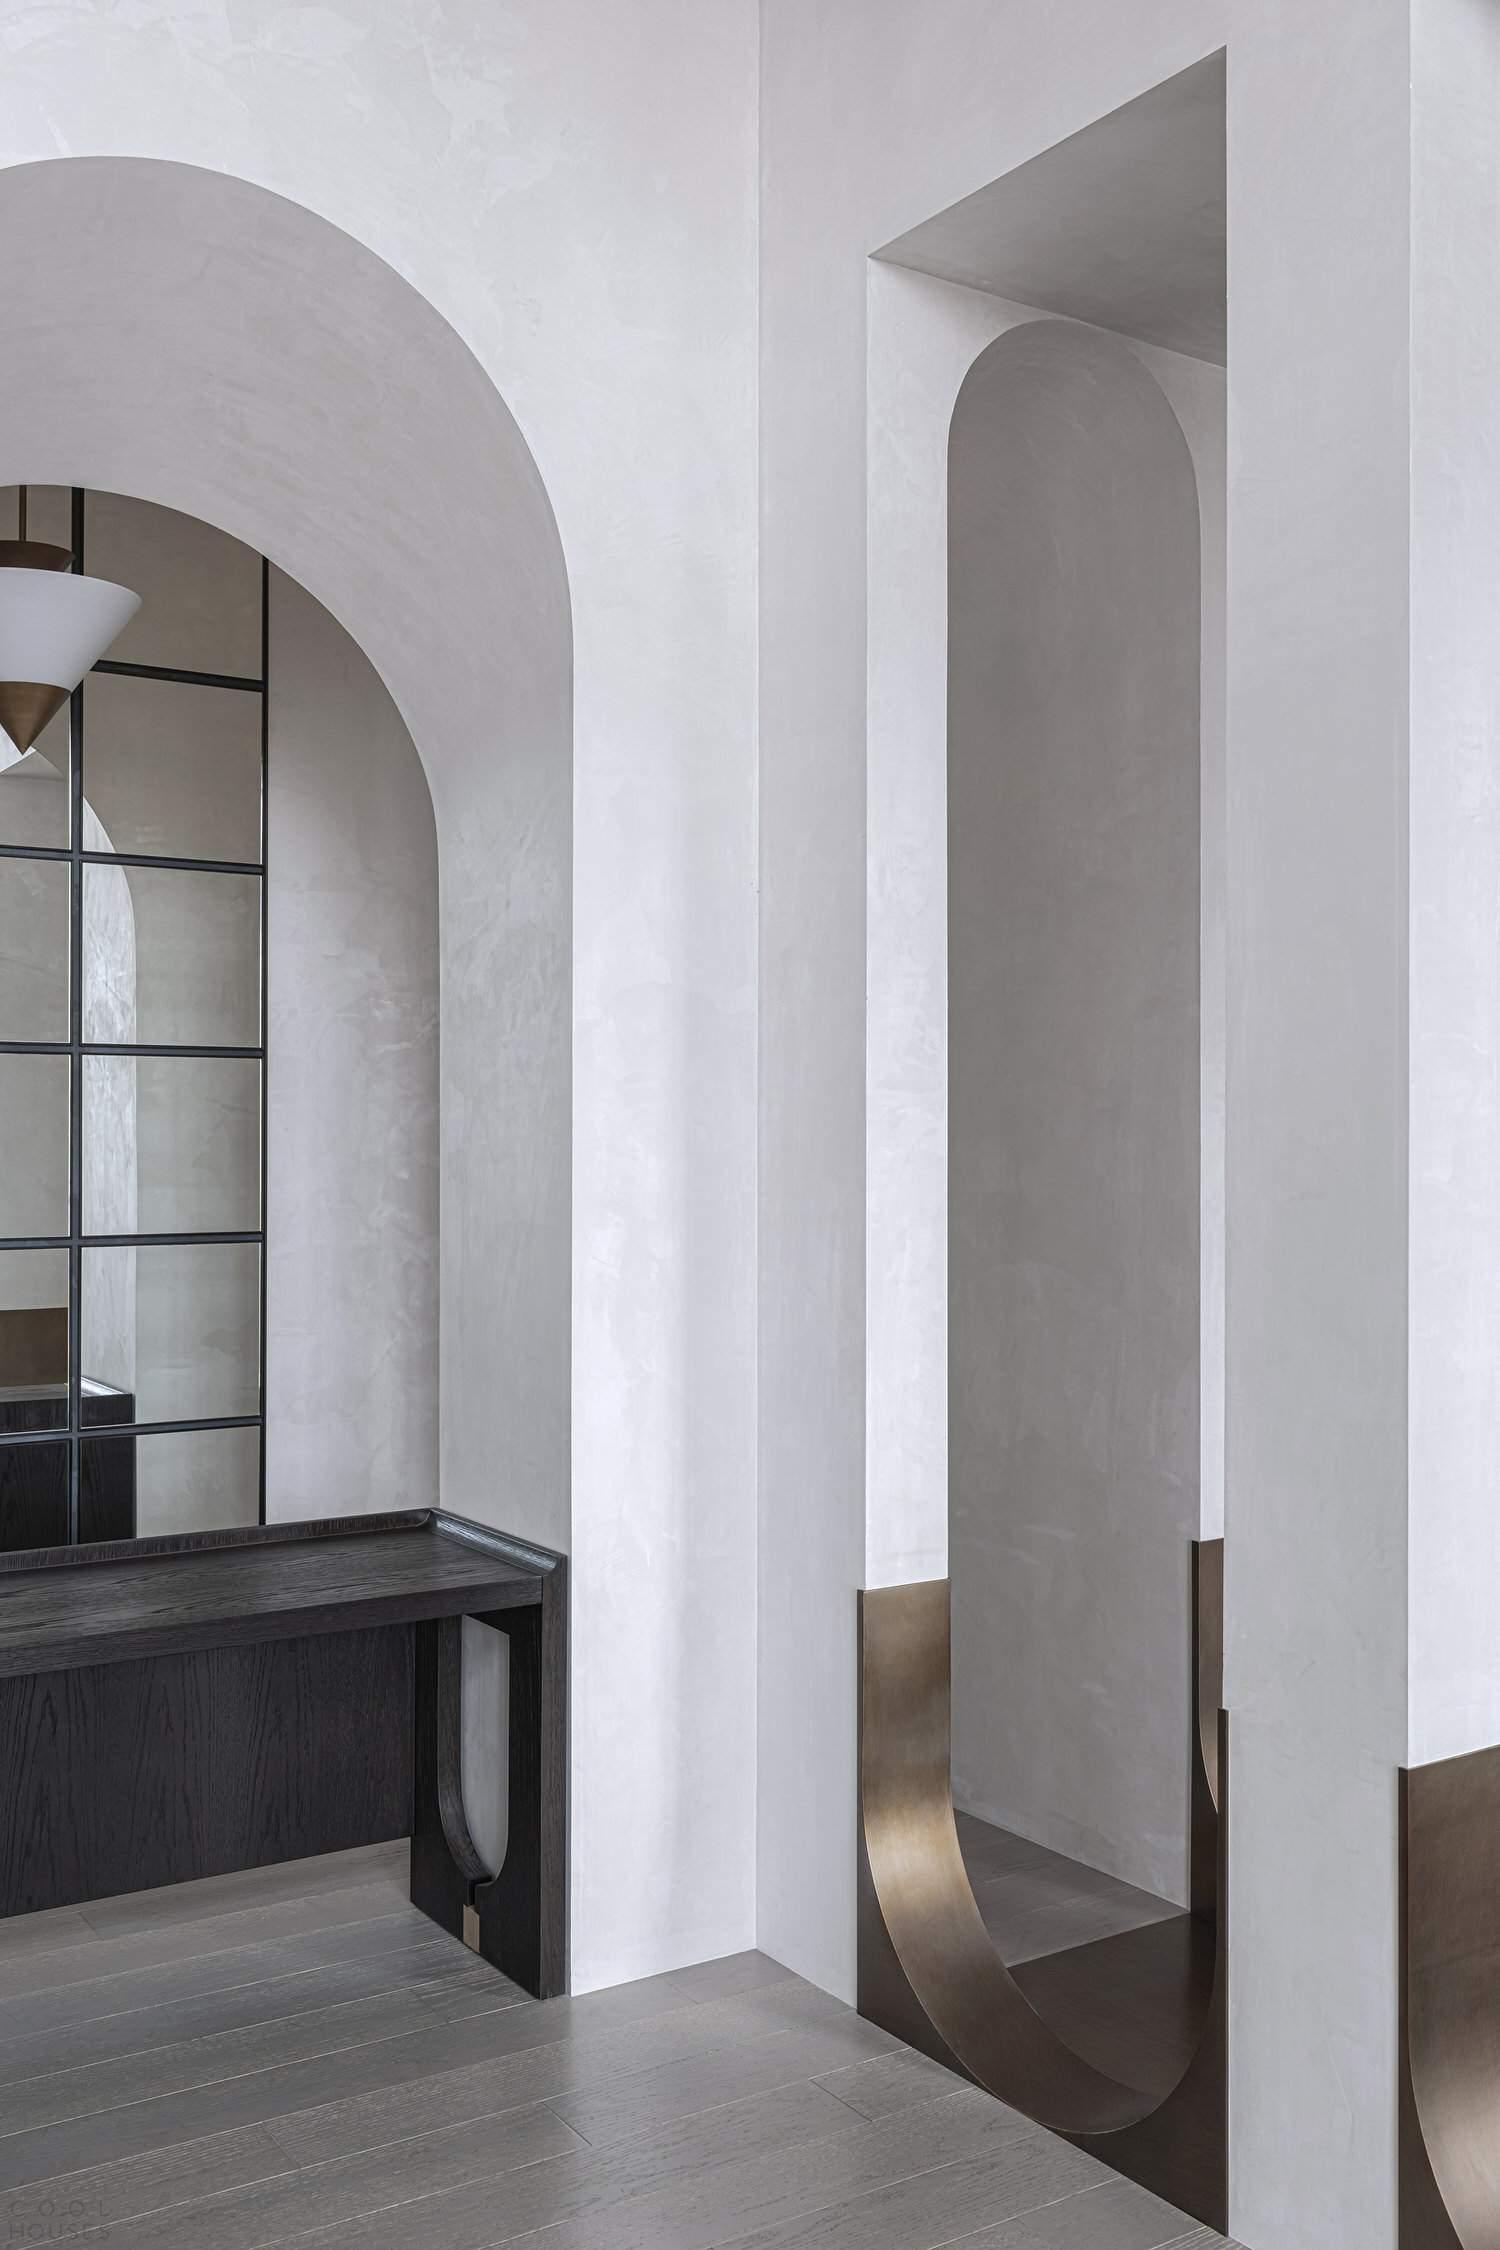 Офис дизайн-студии EVD в классическом стиле с арочными элементами, Китай